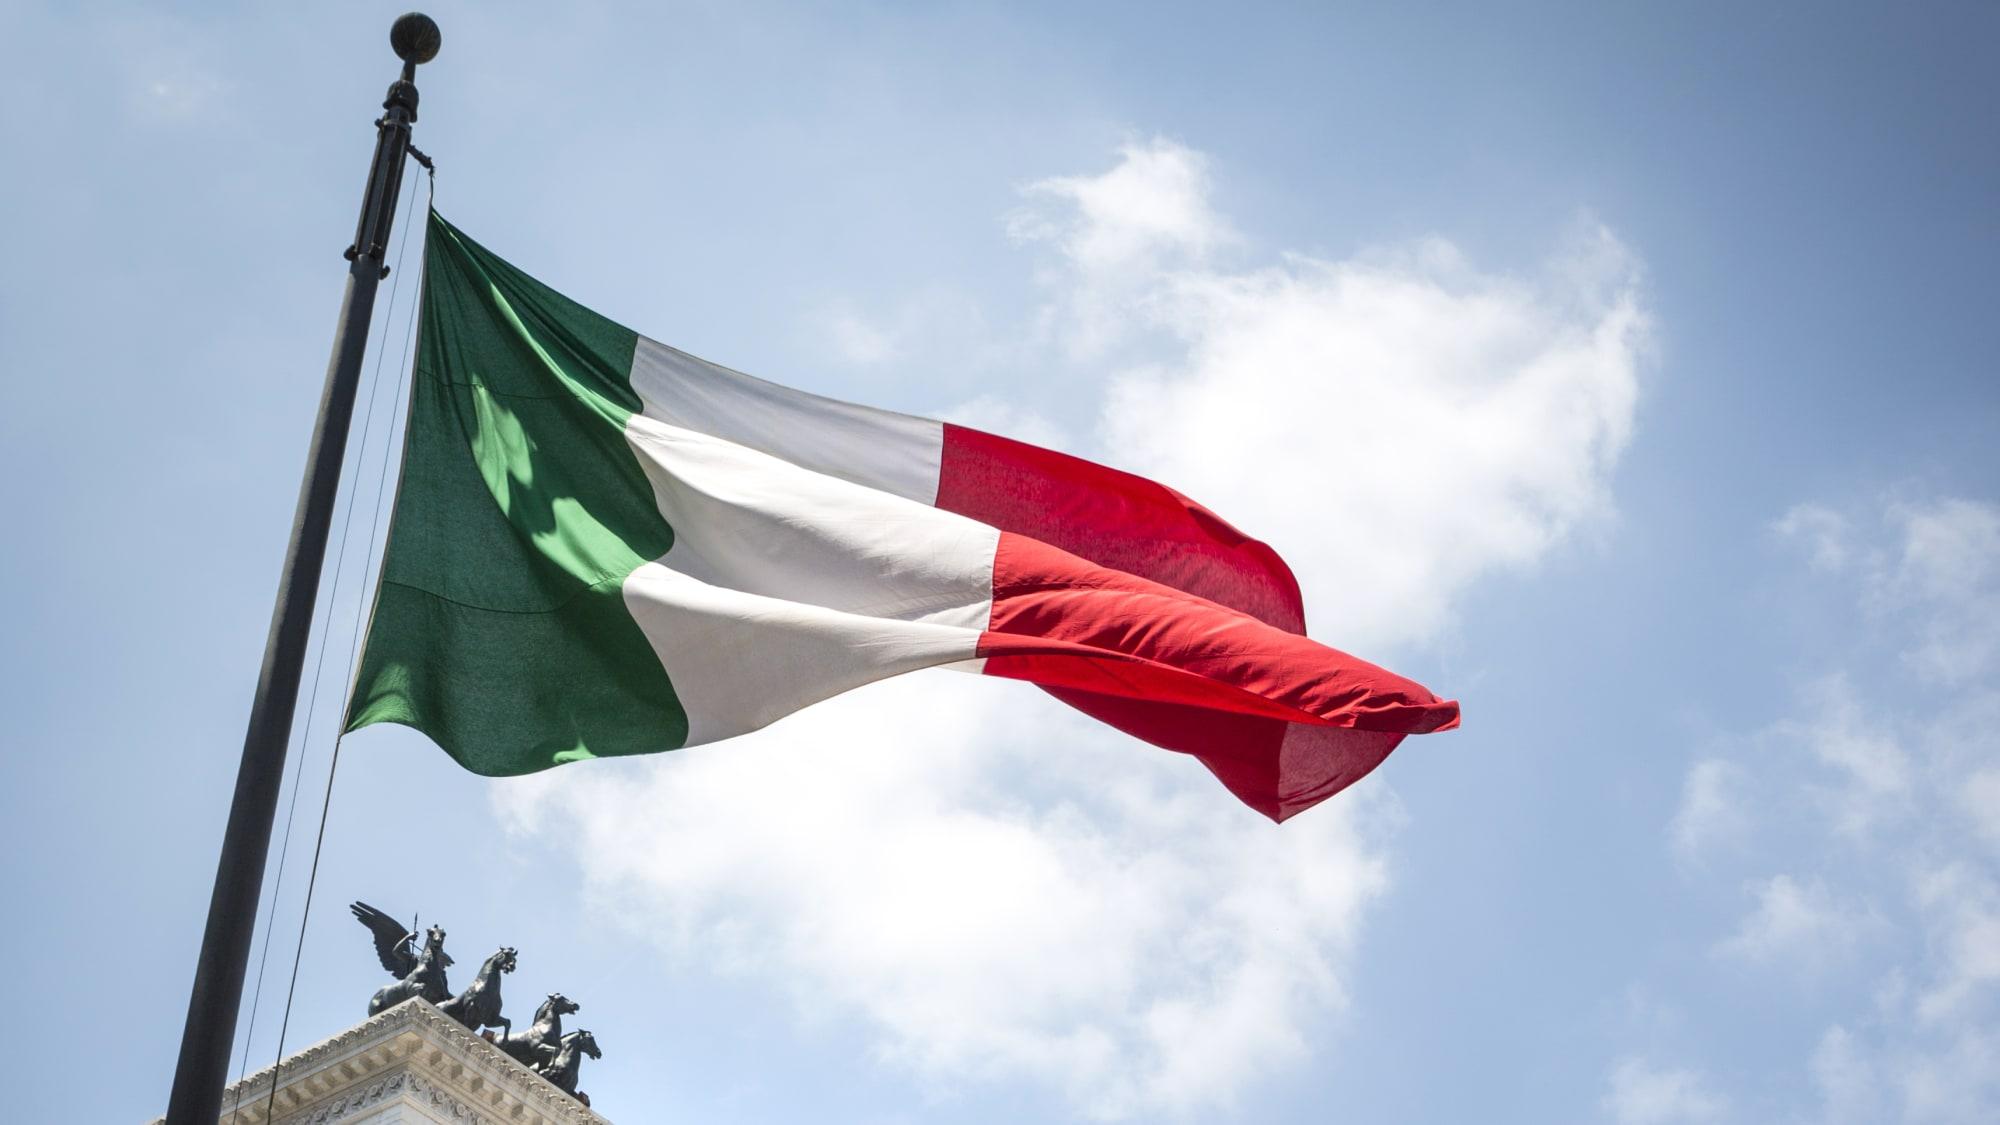 Italienische Flagge weht im Wind